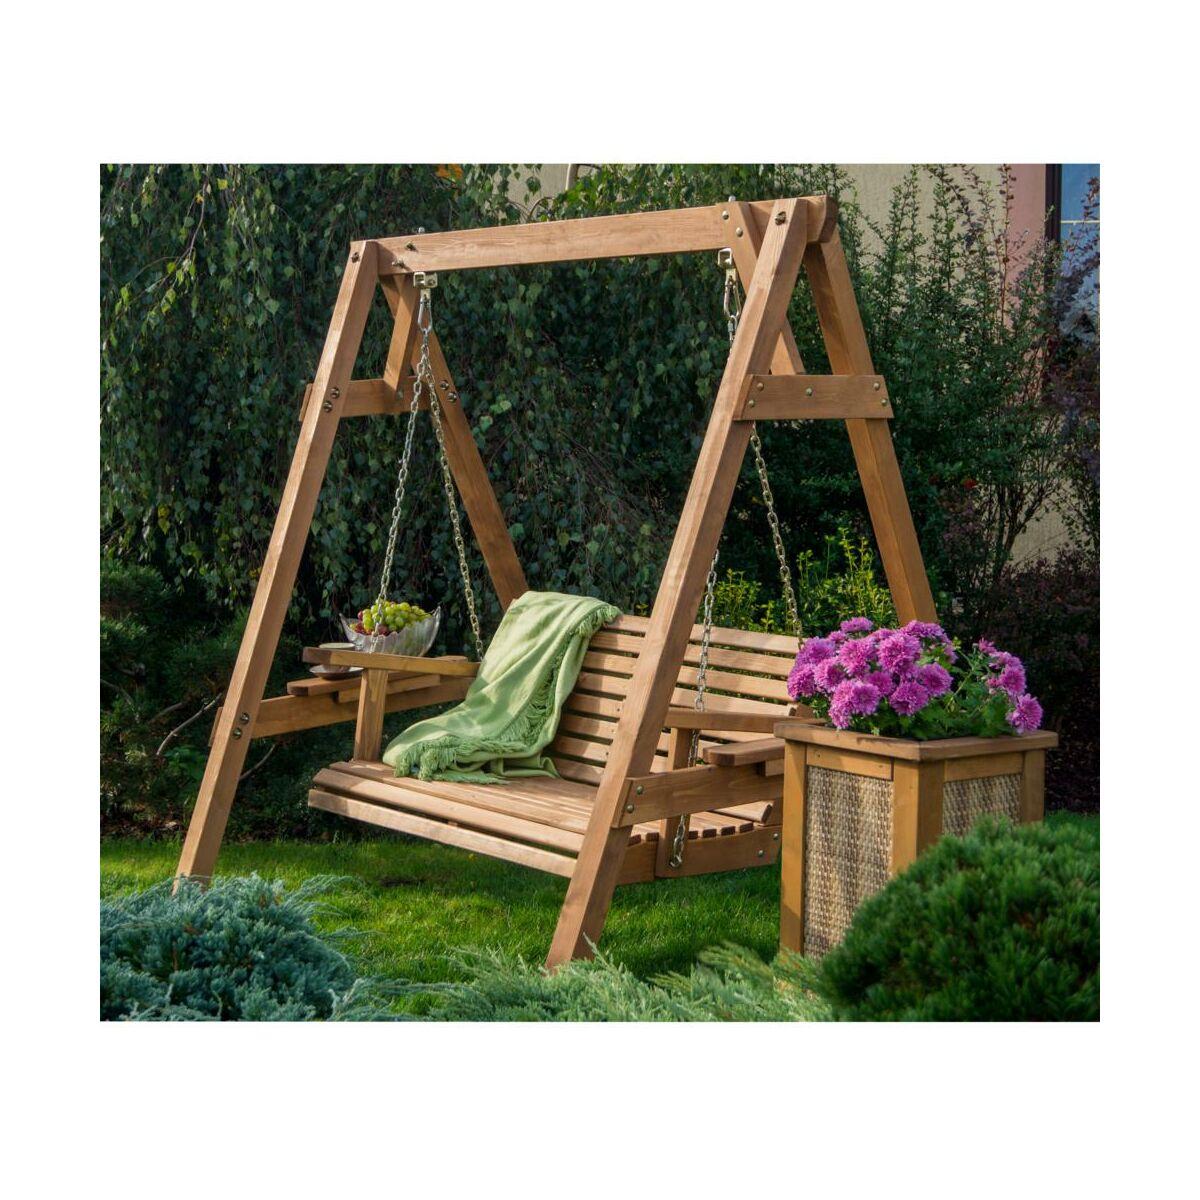 Hustawka Ogrodowa Z Drewna Egzotycznego : Huśtawka Ogrodowa Pictures to pin on Pinterest